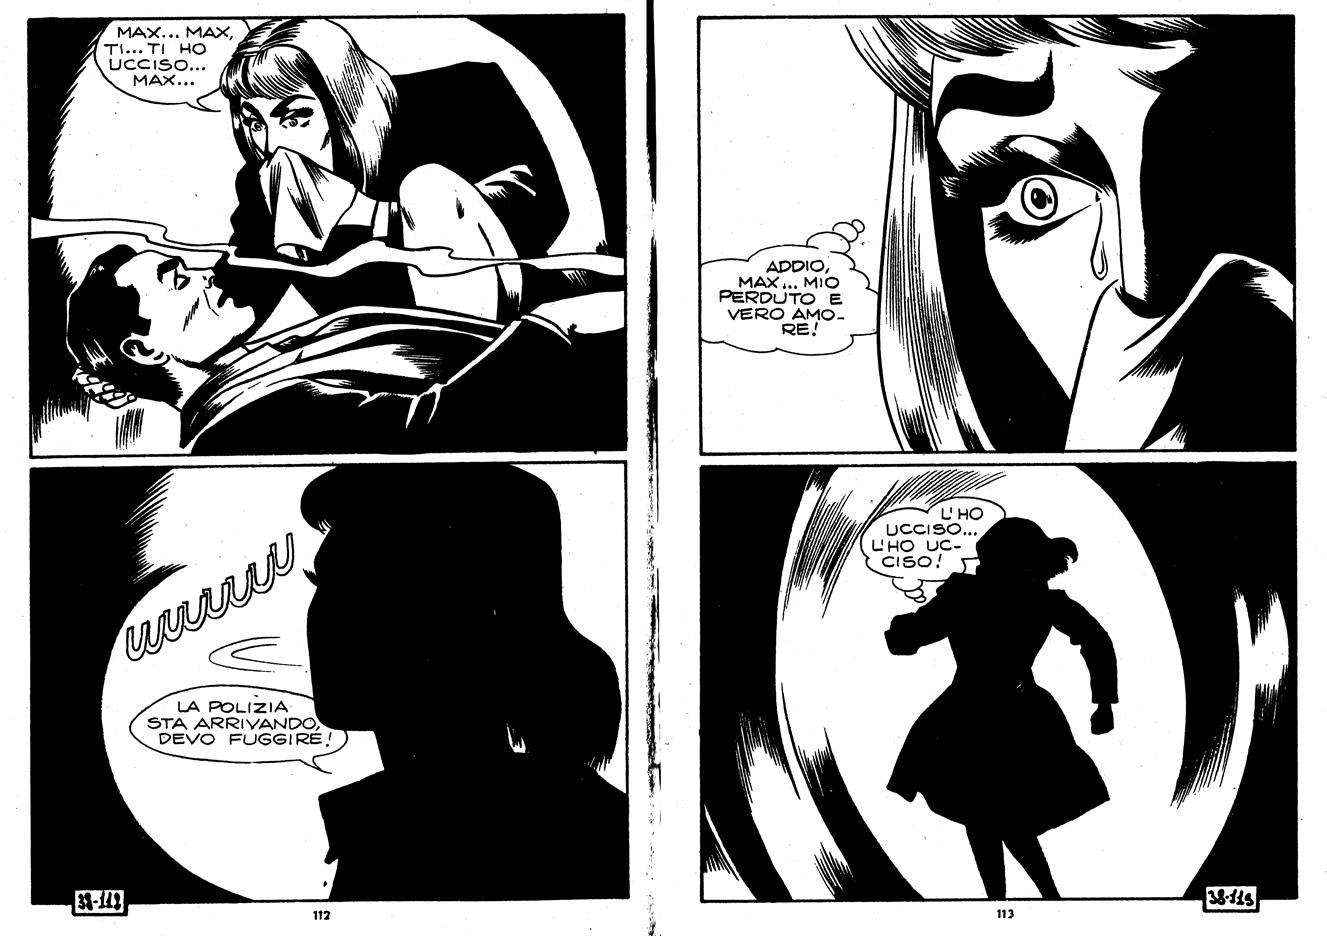 Magnus - Satanik 38 p112-113 1966